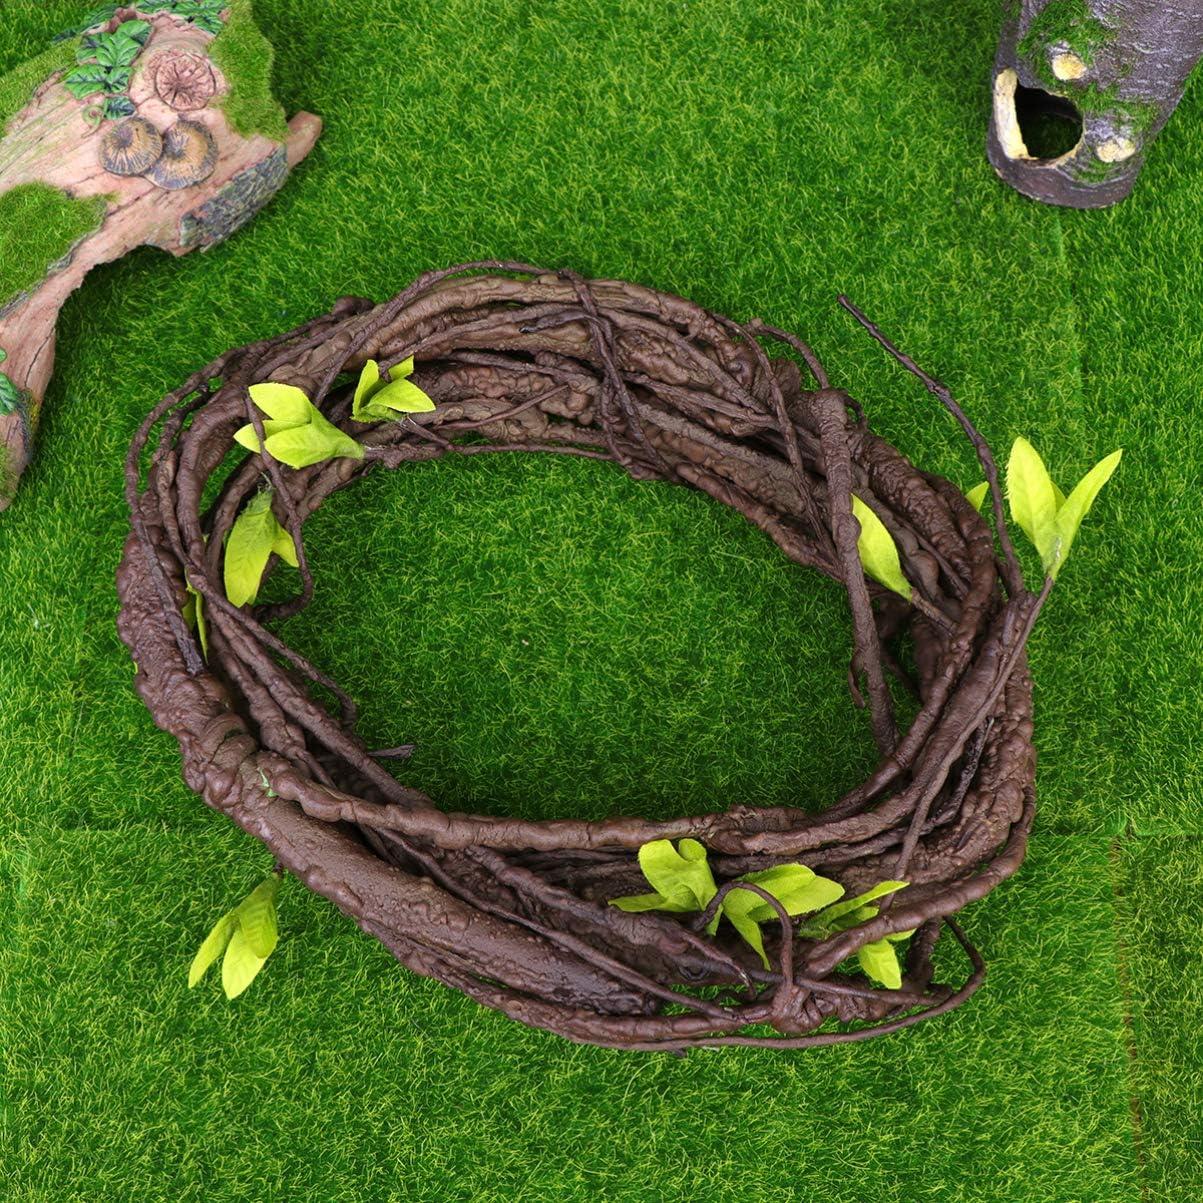 62.9 Pulgadas POPETPOP vides de Reptil decoraci/ón de vides de la Selva para lagartos Ranas Serpientes y Jaula de camale/ón vides de terrario dise/ño as/éptico y Ajustable